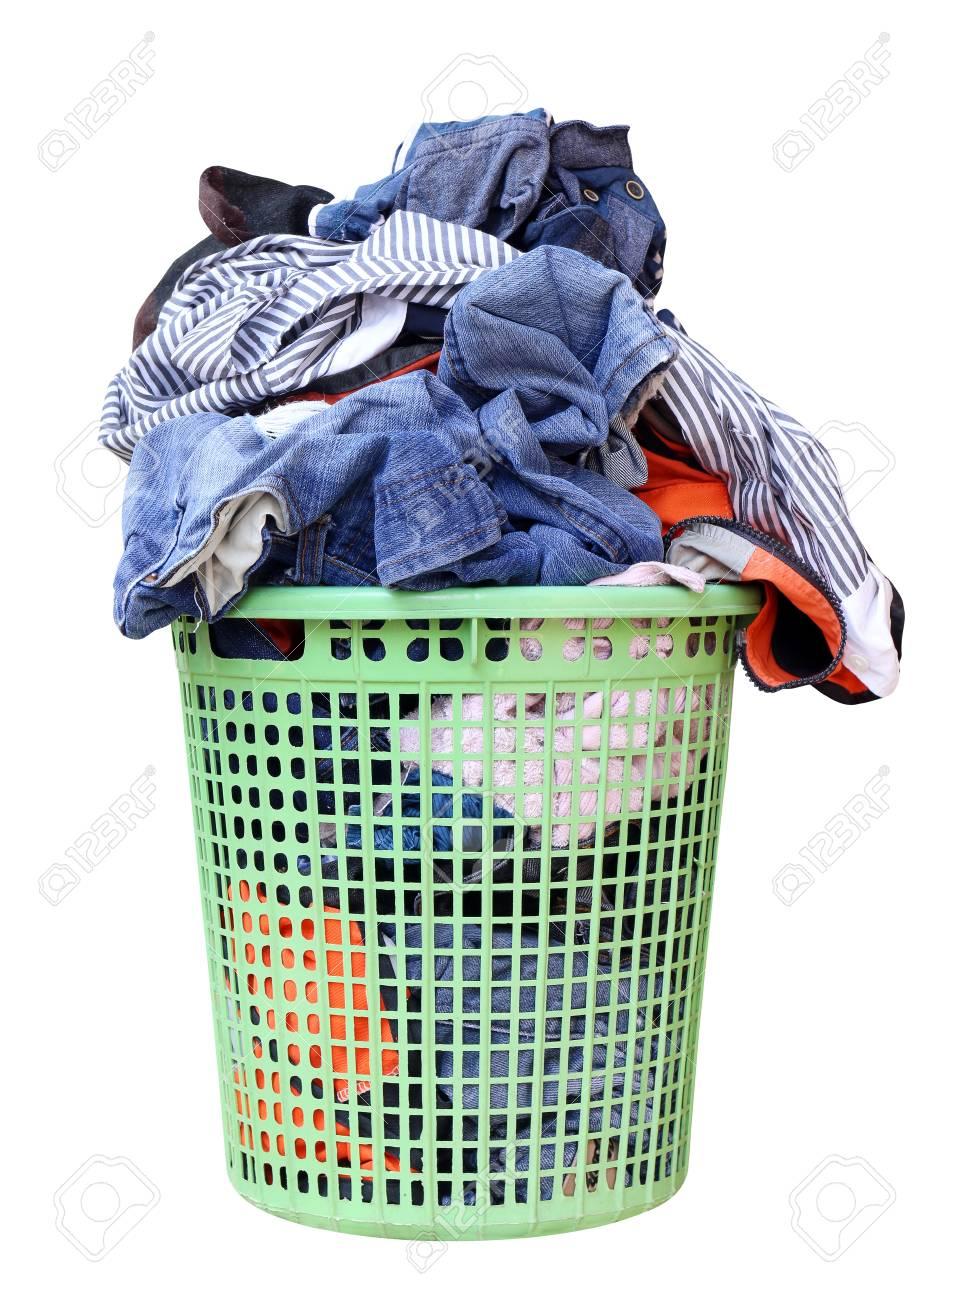 Laundry Basket Picture : laundry, basket, picture, Dirty, Laundry, Washing, Basket,, Basket, With.., Stock, Photo,, Picture, Royalty, Image., Image, 97611462.